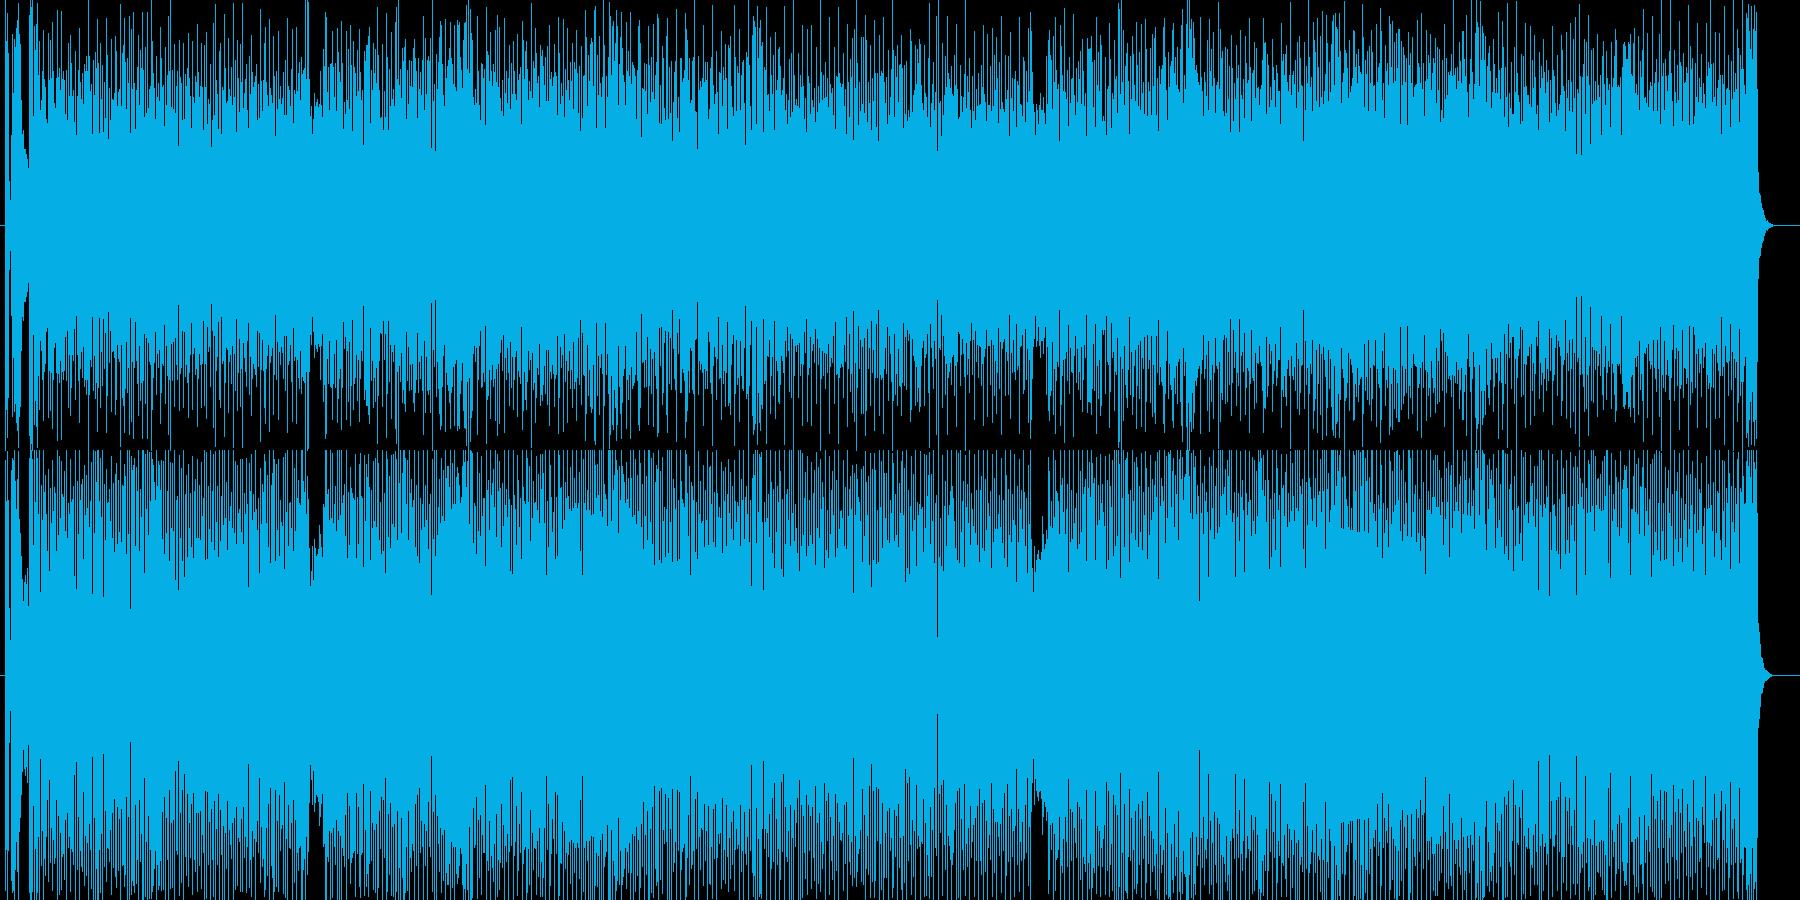 軽快で明るいポップスの再生済みの波形